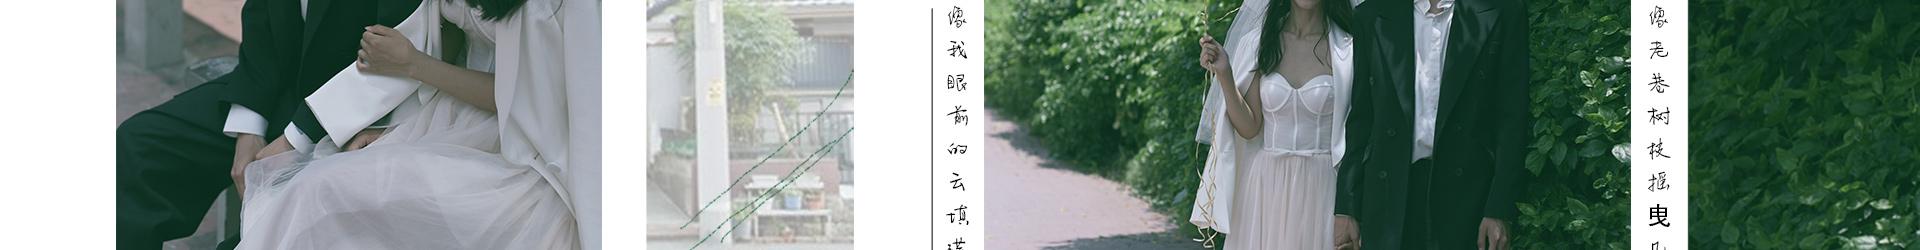 大城小爱Ⅳ